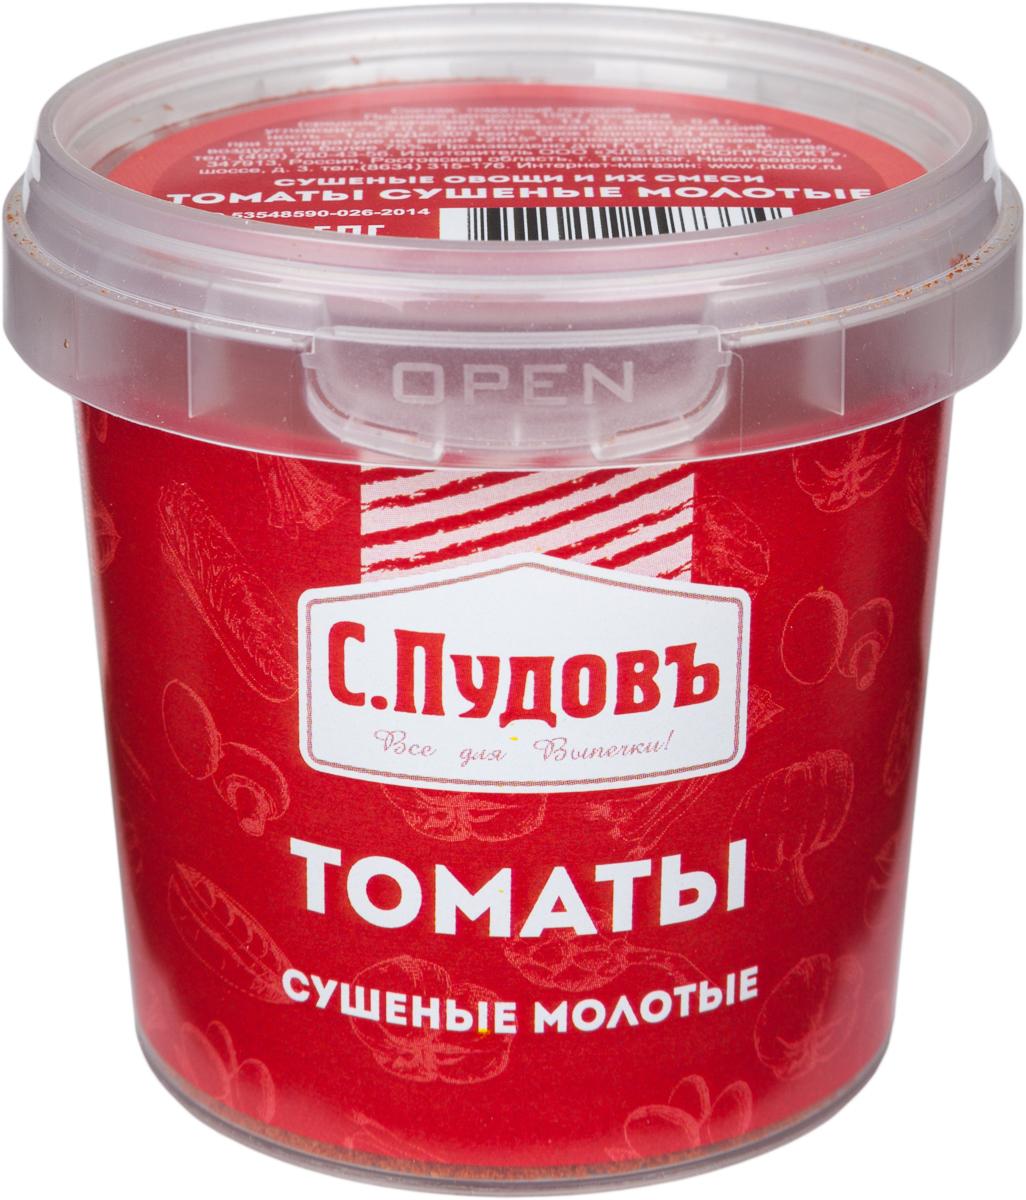 Пудовъ томаты сушеные молотые, 85 г пудовъ кориандр семена 40 г